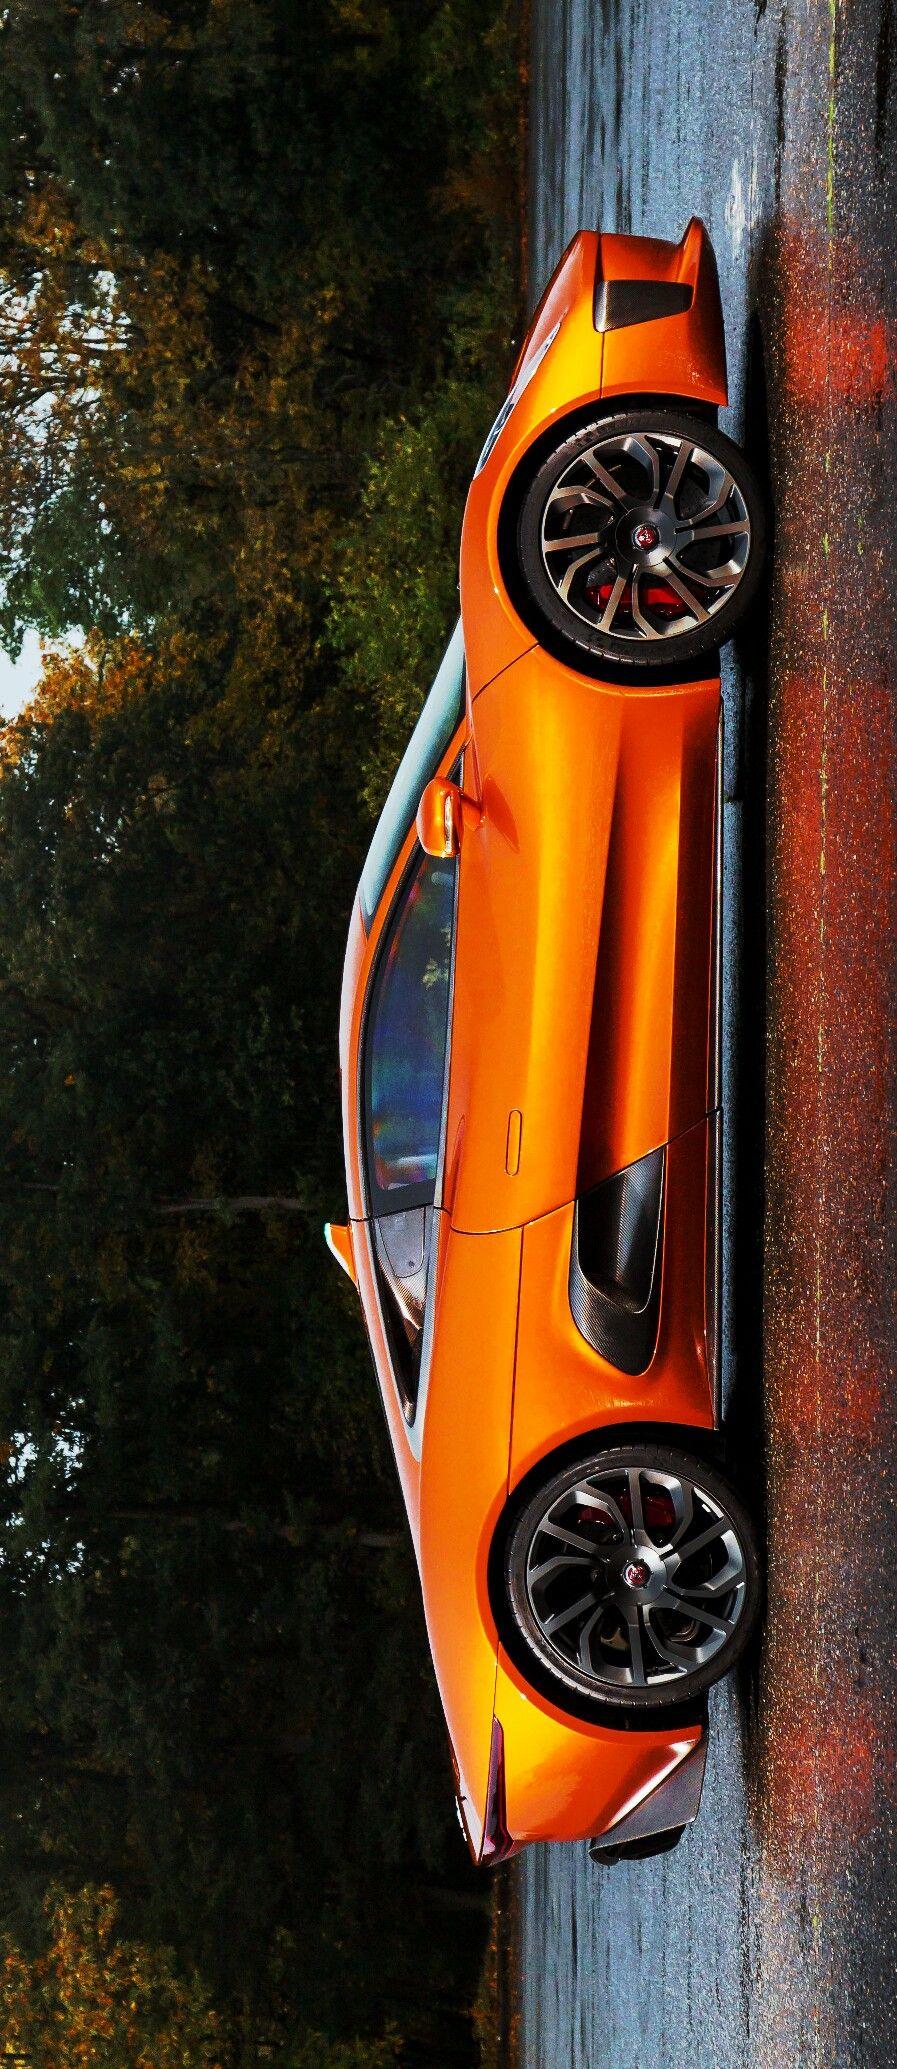 2015 Jaguar C-X75 Spectre Concept | Sports cars luxury, Jaguar car, Jaguar